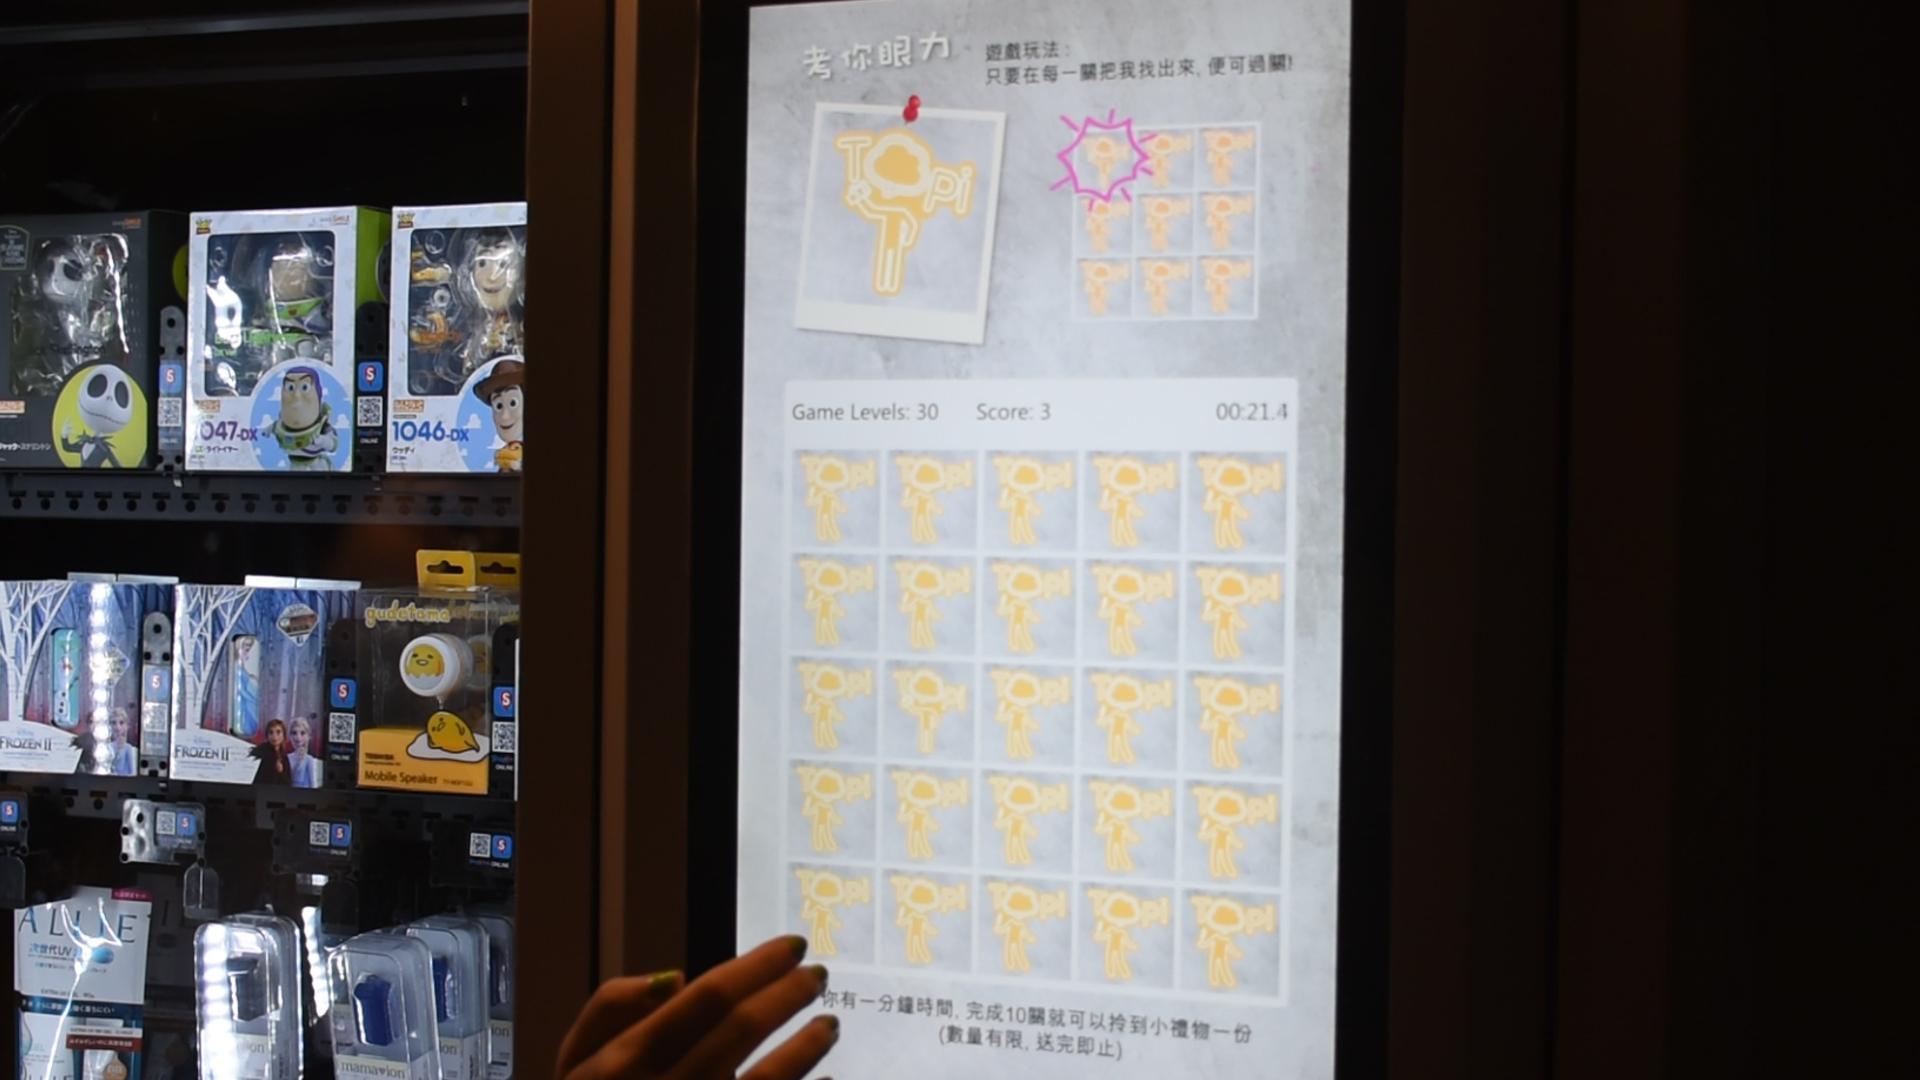 機械人商店提供互動遊戲,吸引年輕消費者